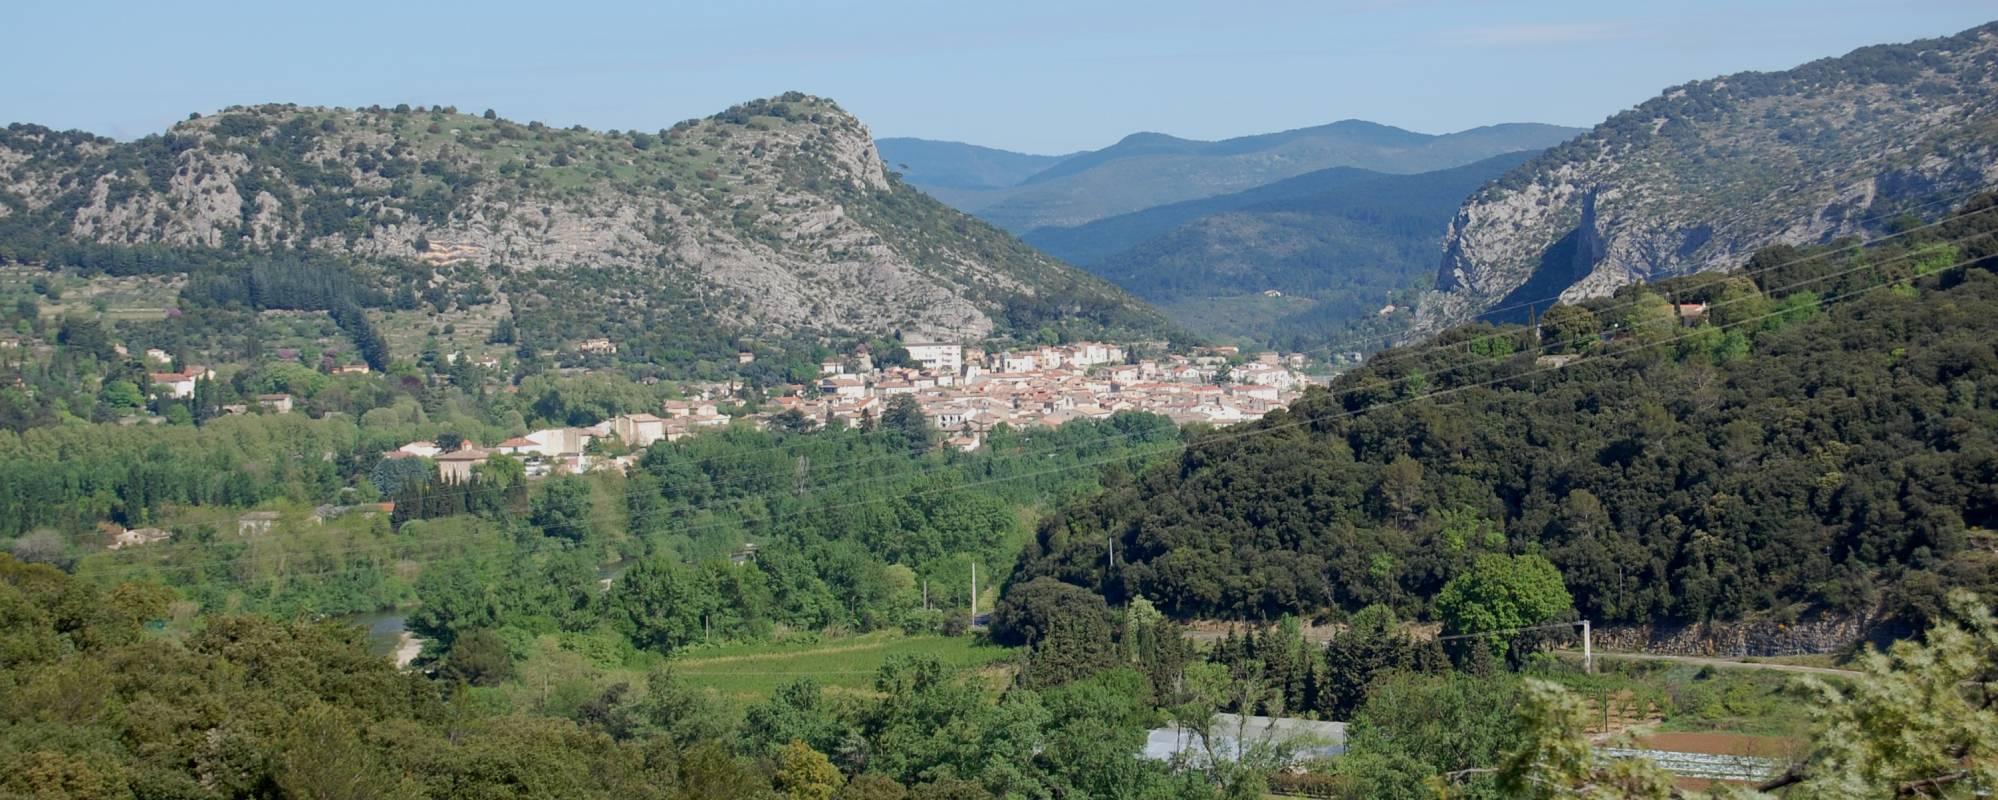 Anduze du chateau de Tornac